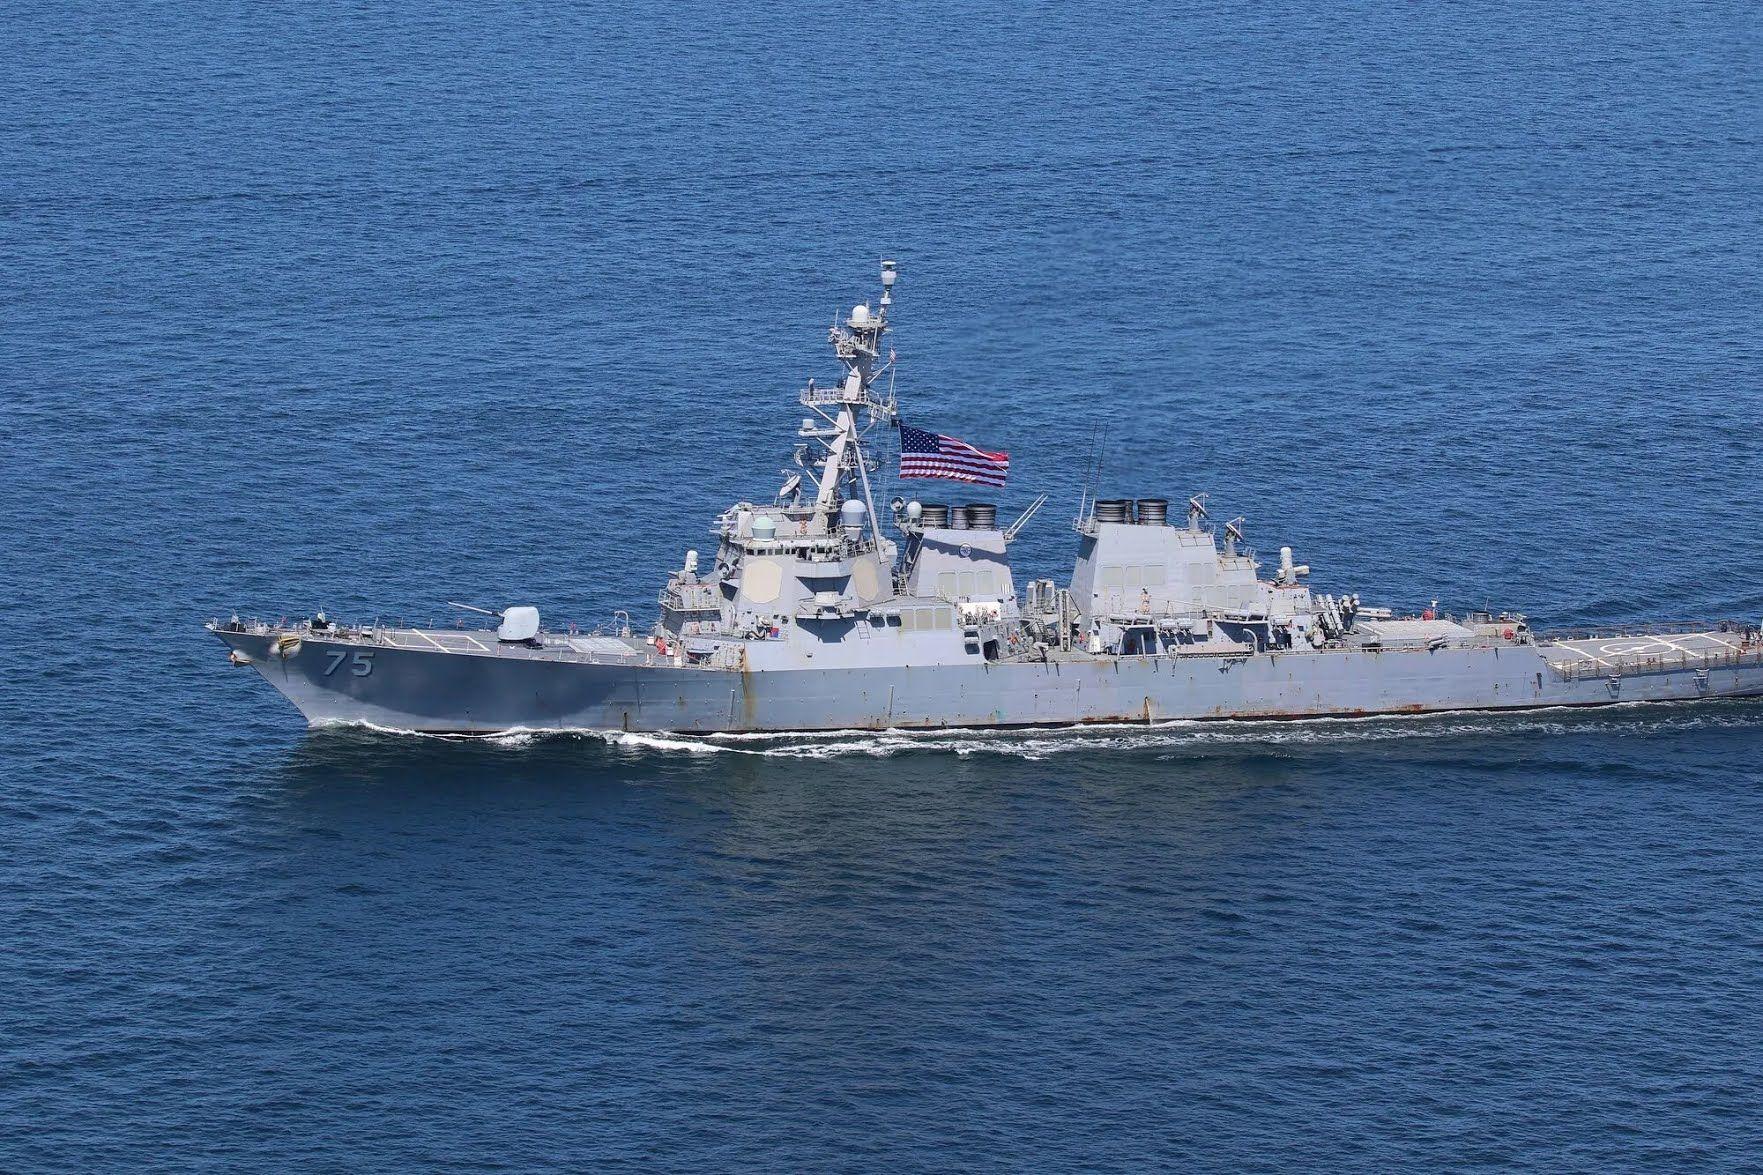 USS Donald Cook біля узбережжя Чорного моря